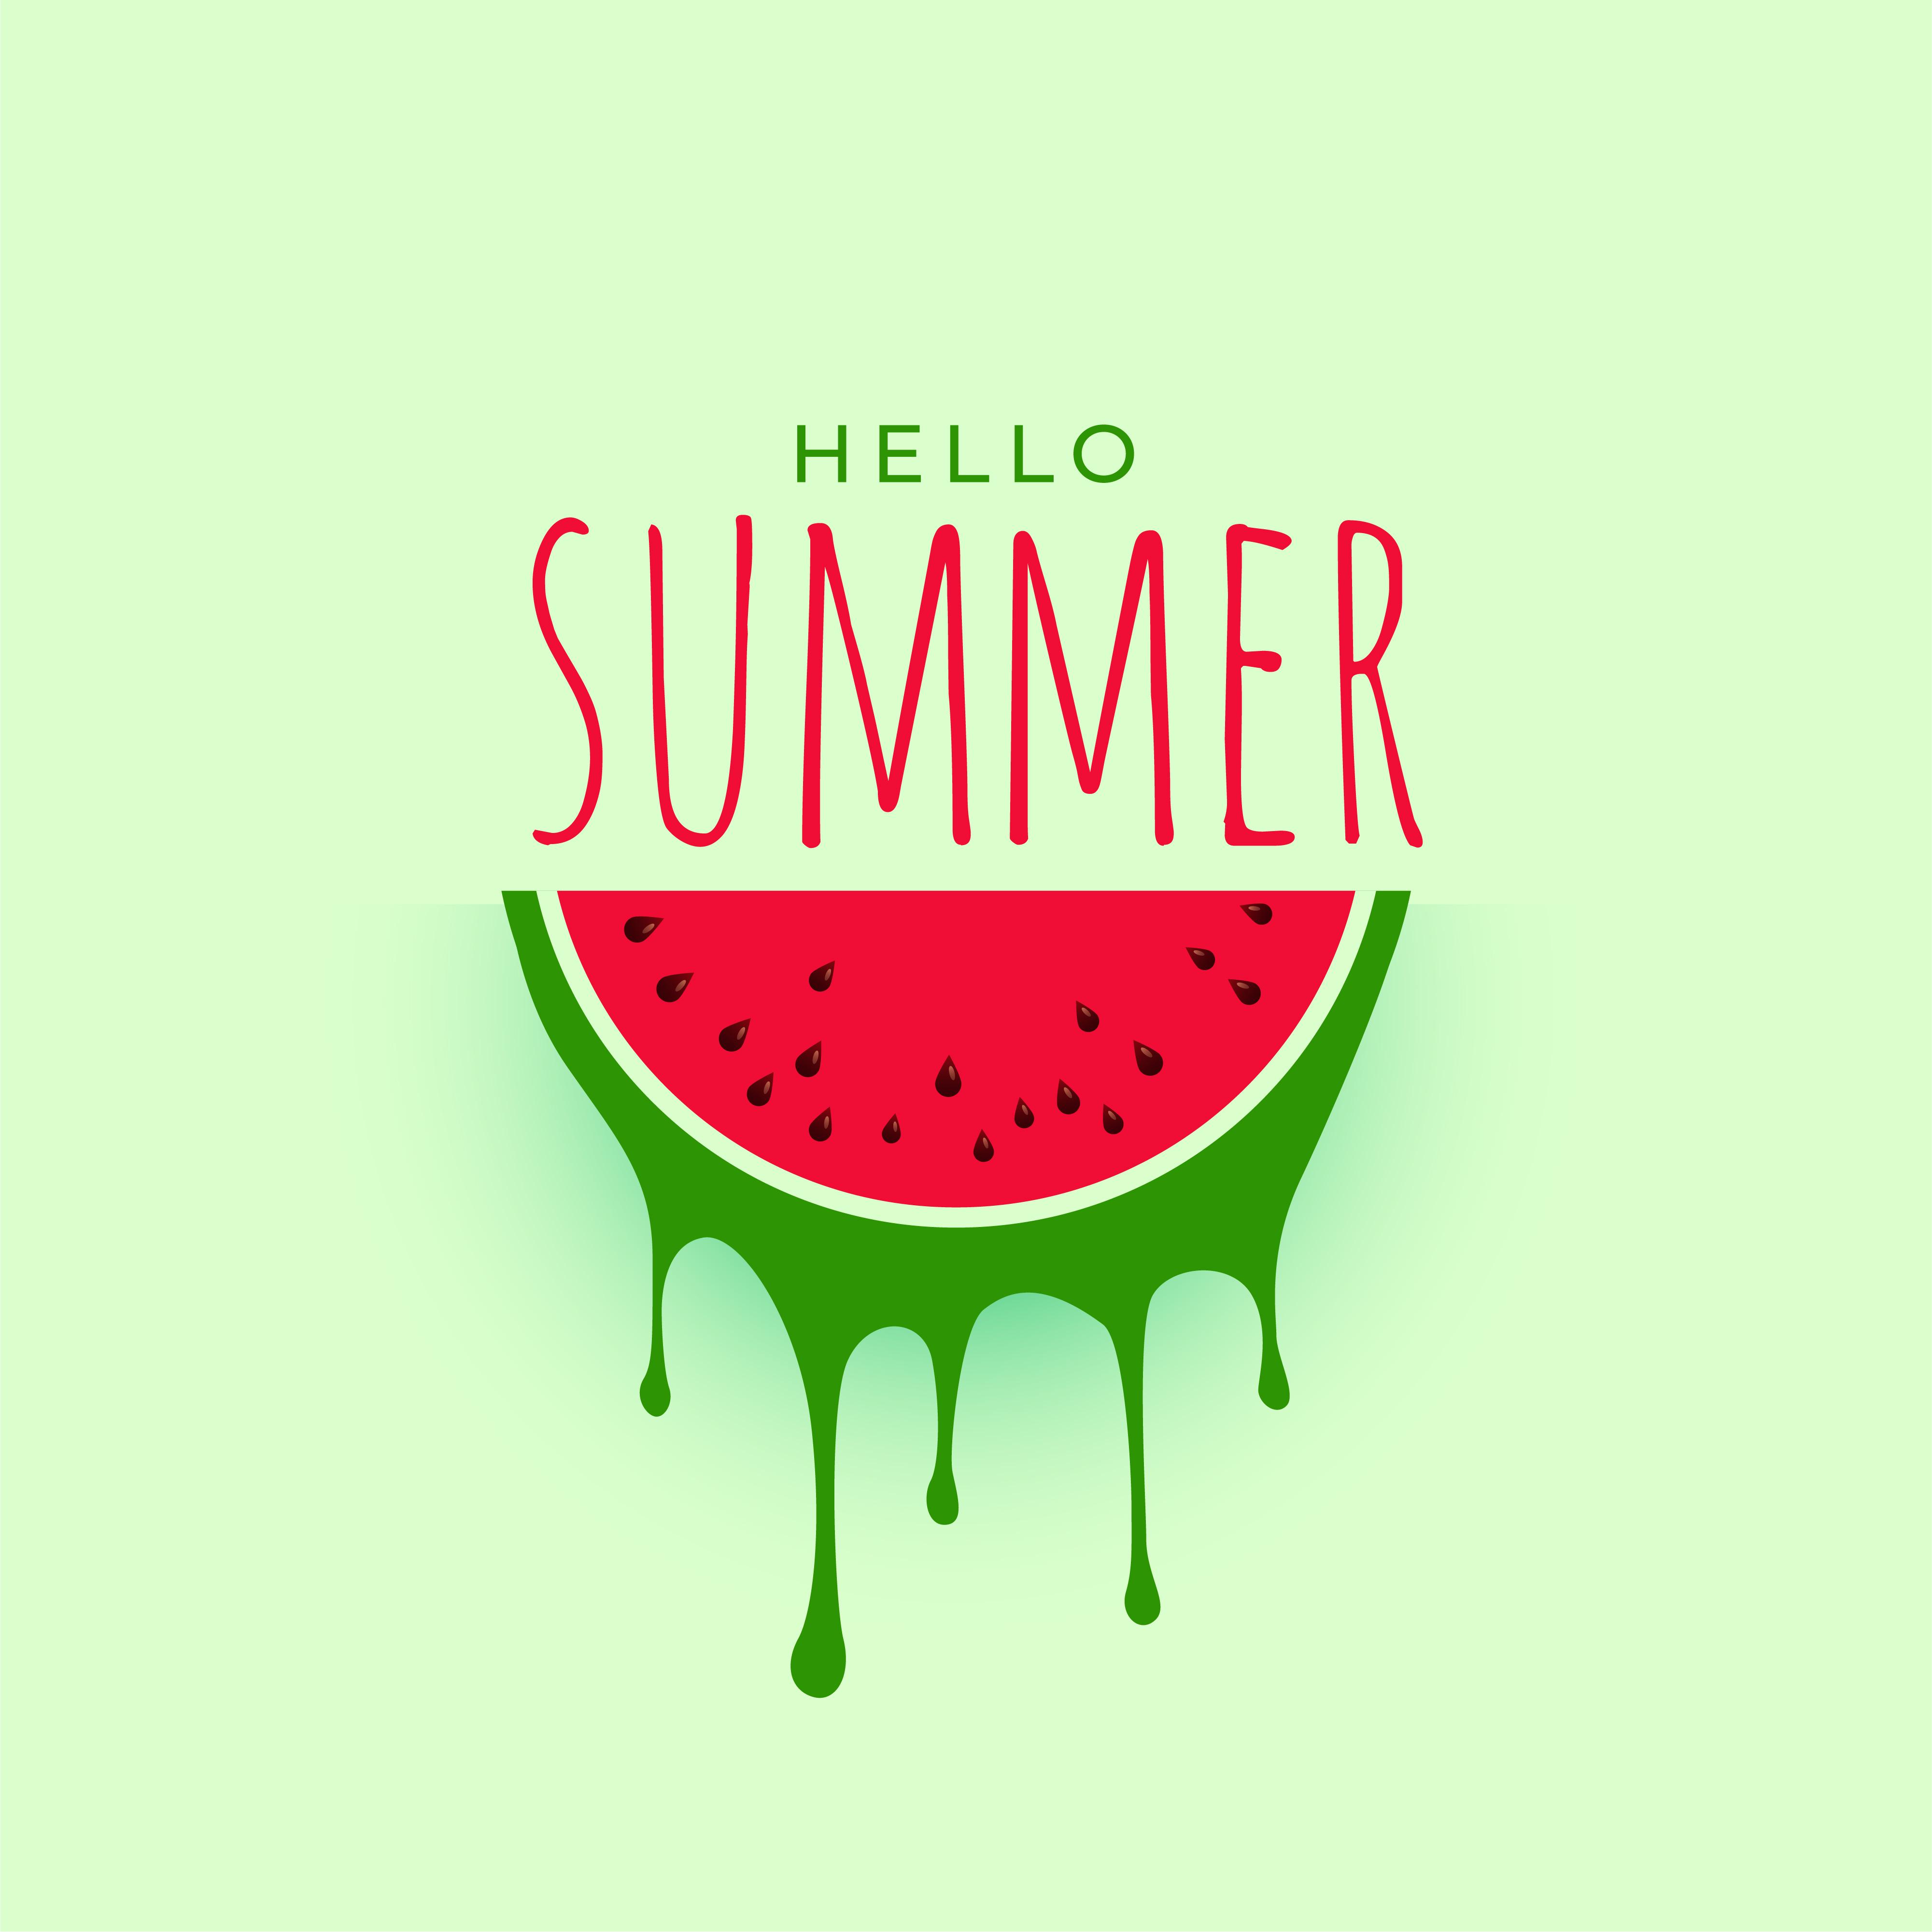 hellow summer watermelon background design